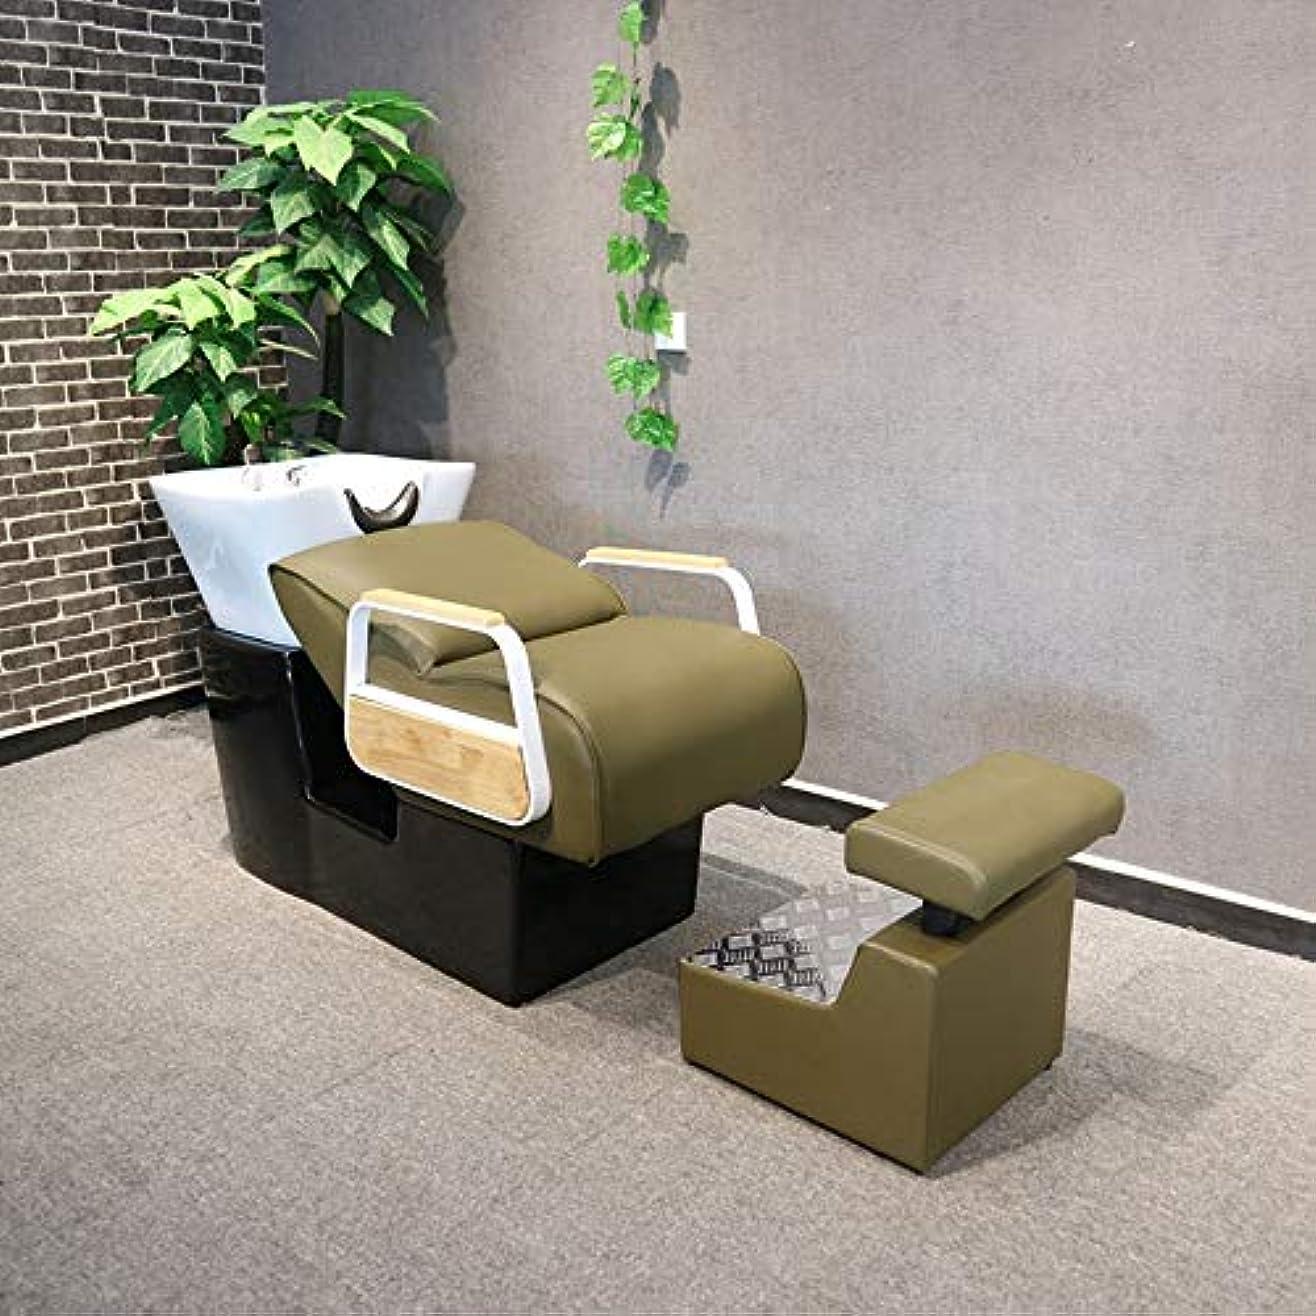 好奇心未就学近代化するシャンプーの椅子、美容院装置の逆洗装置の陶磁器の洗面器の洗い流すベッドのシャンプーボールの理髪店の流しの椅子